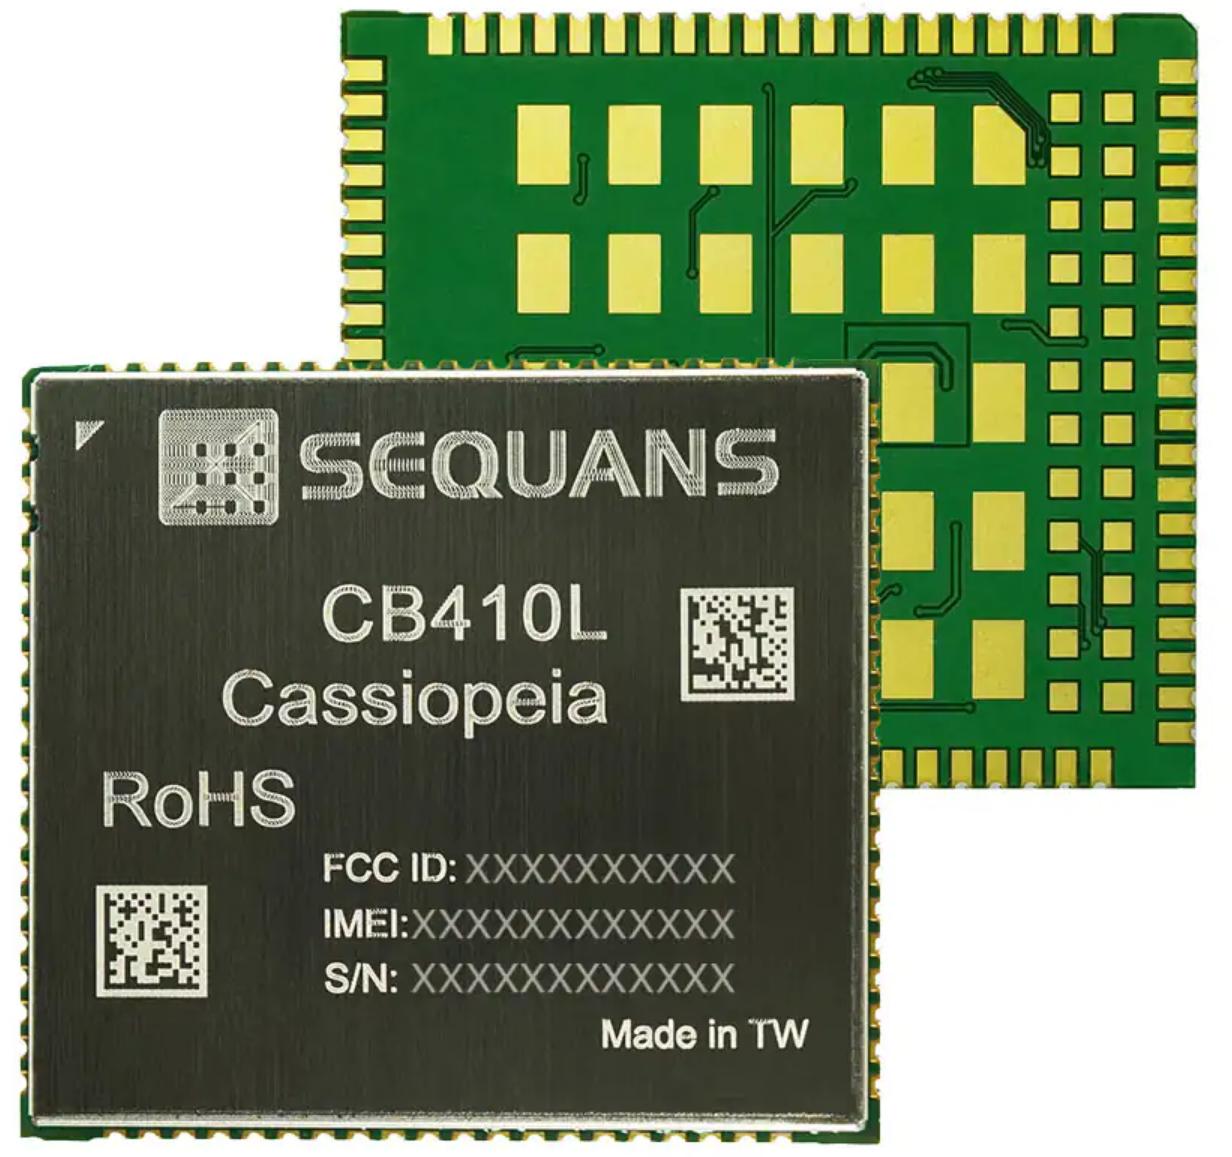 Cassiopeia CB410L CBRS Module